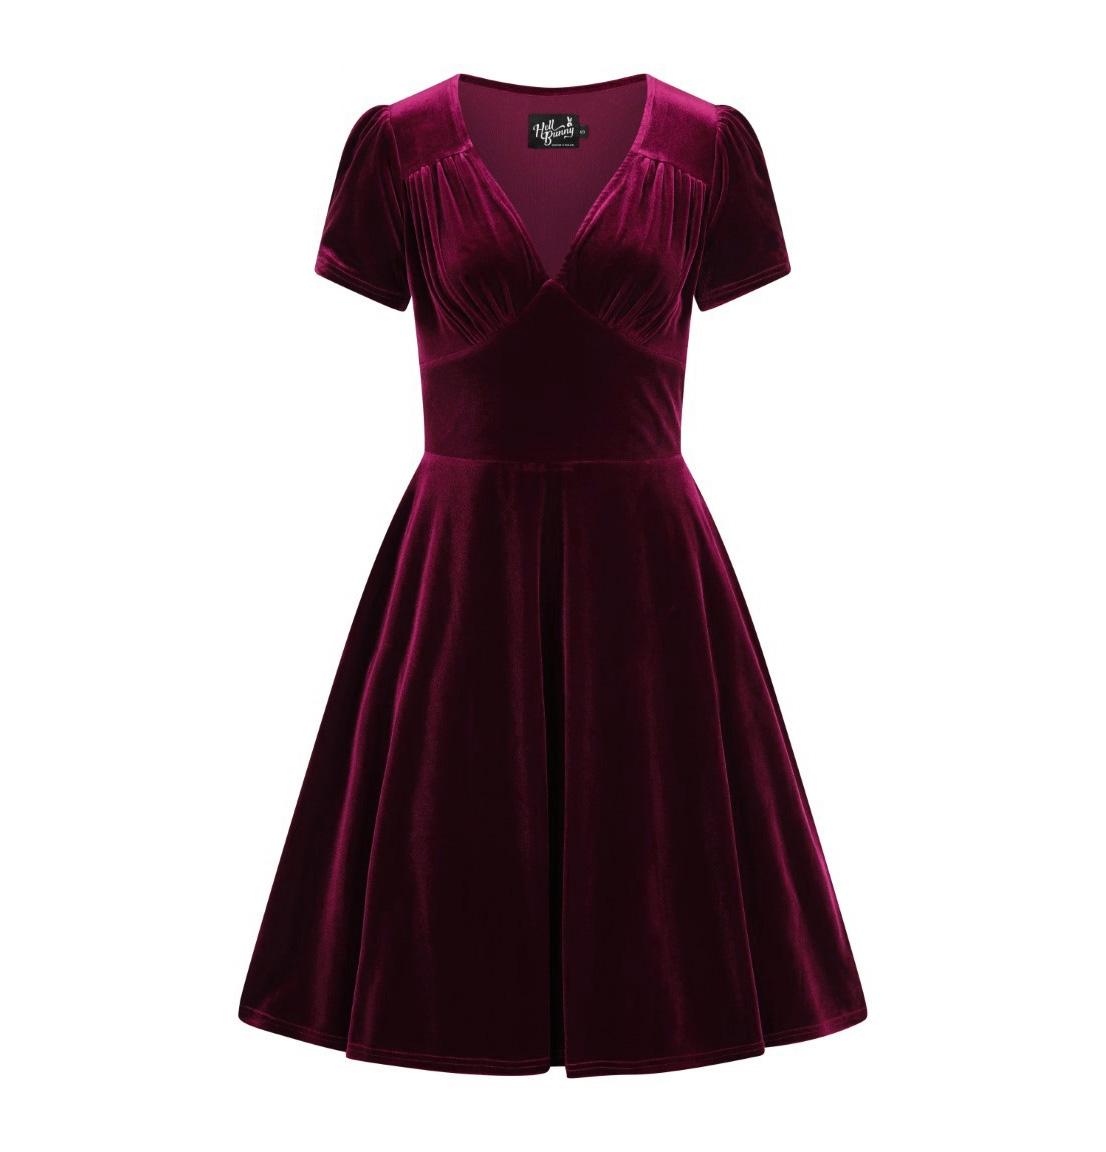 Hell-Bunny-40s-50s-Elegant-Pin-Up-Dress-JOANNE-Crushed-Velvet-Burgundy-All-Sizes thumbnail 41